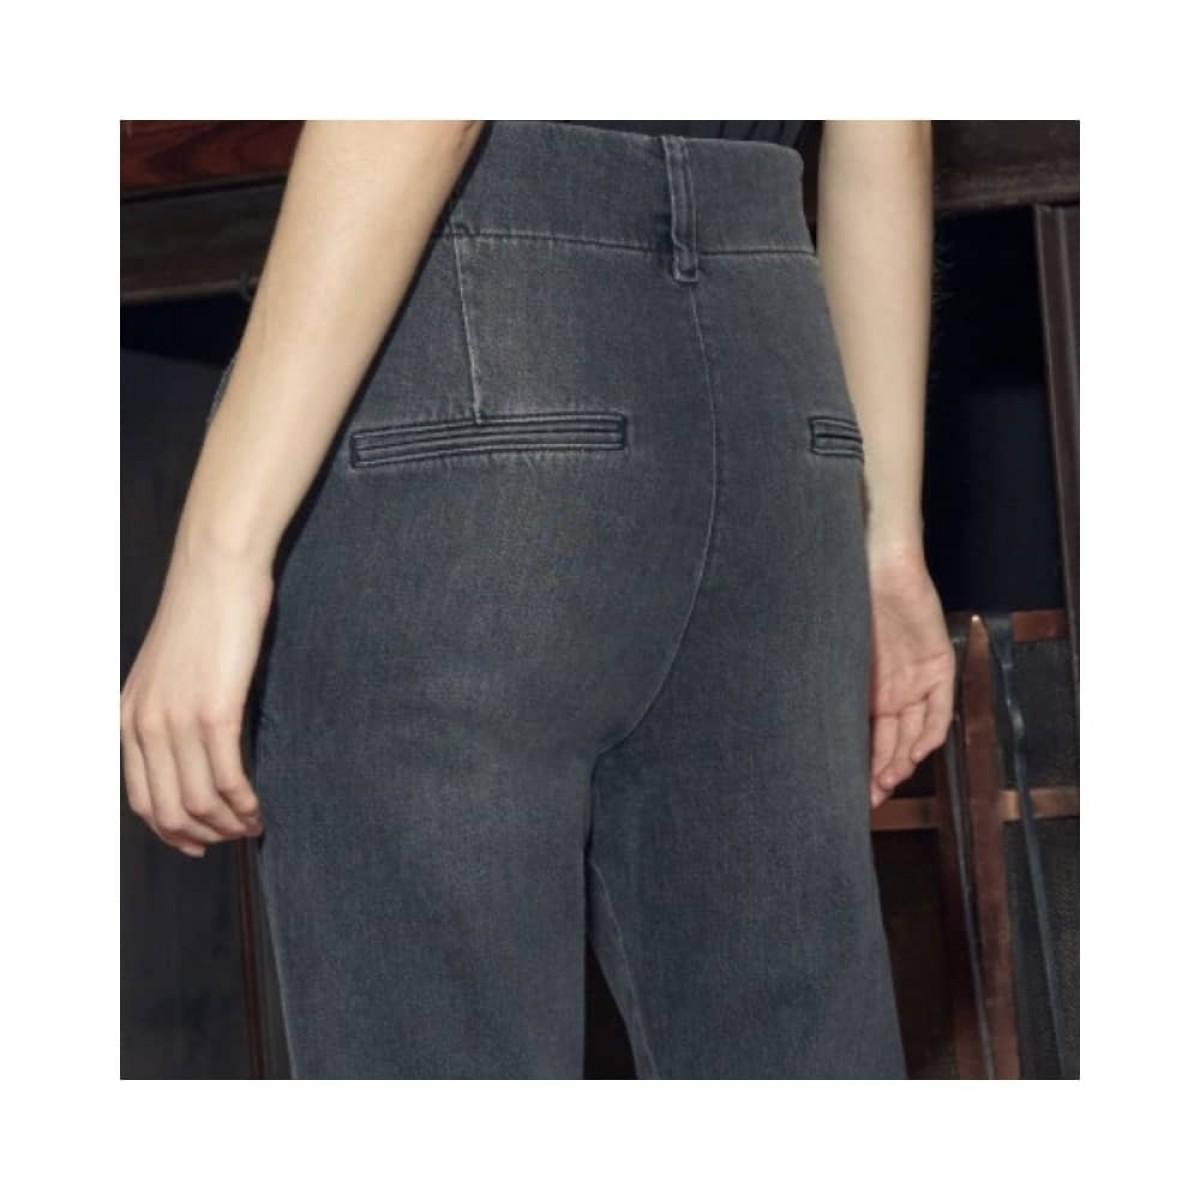 lenny jeans - grey - model baglommer